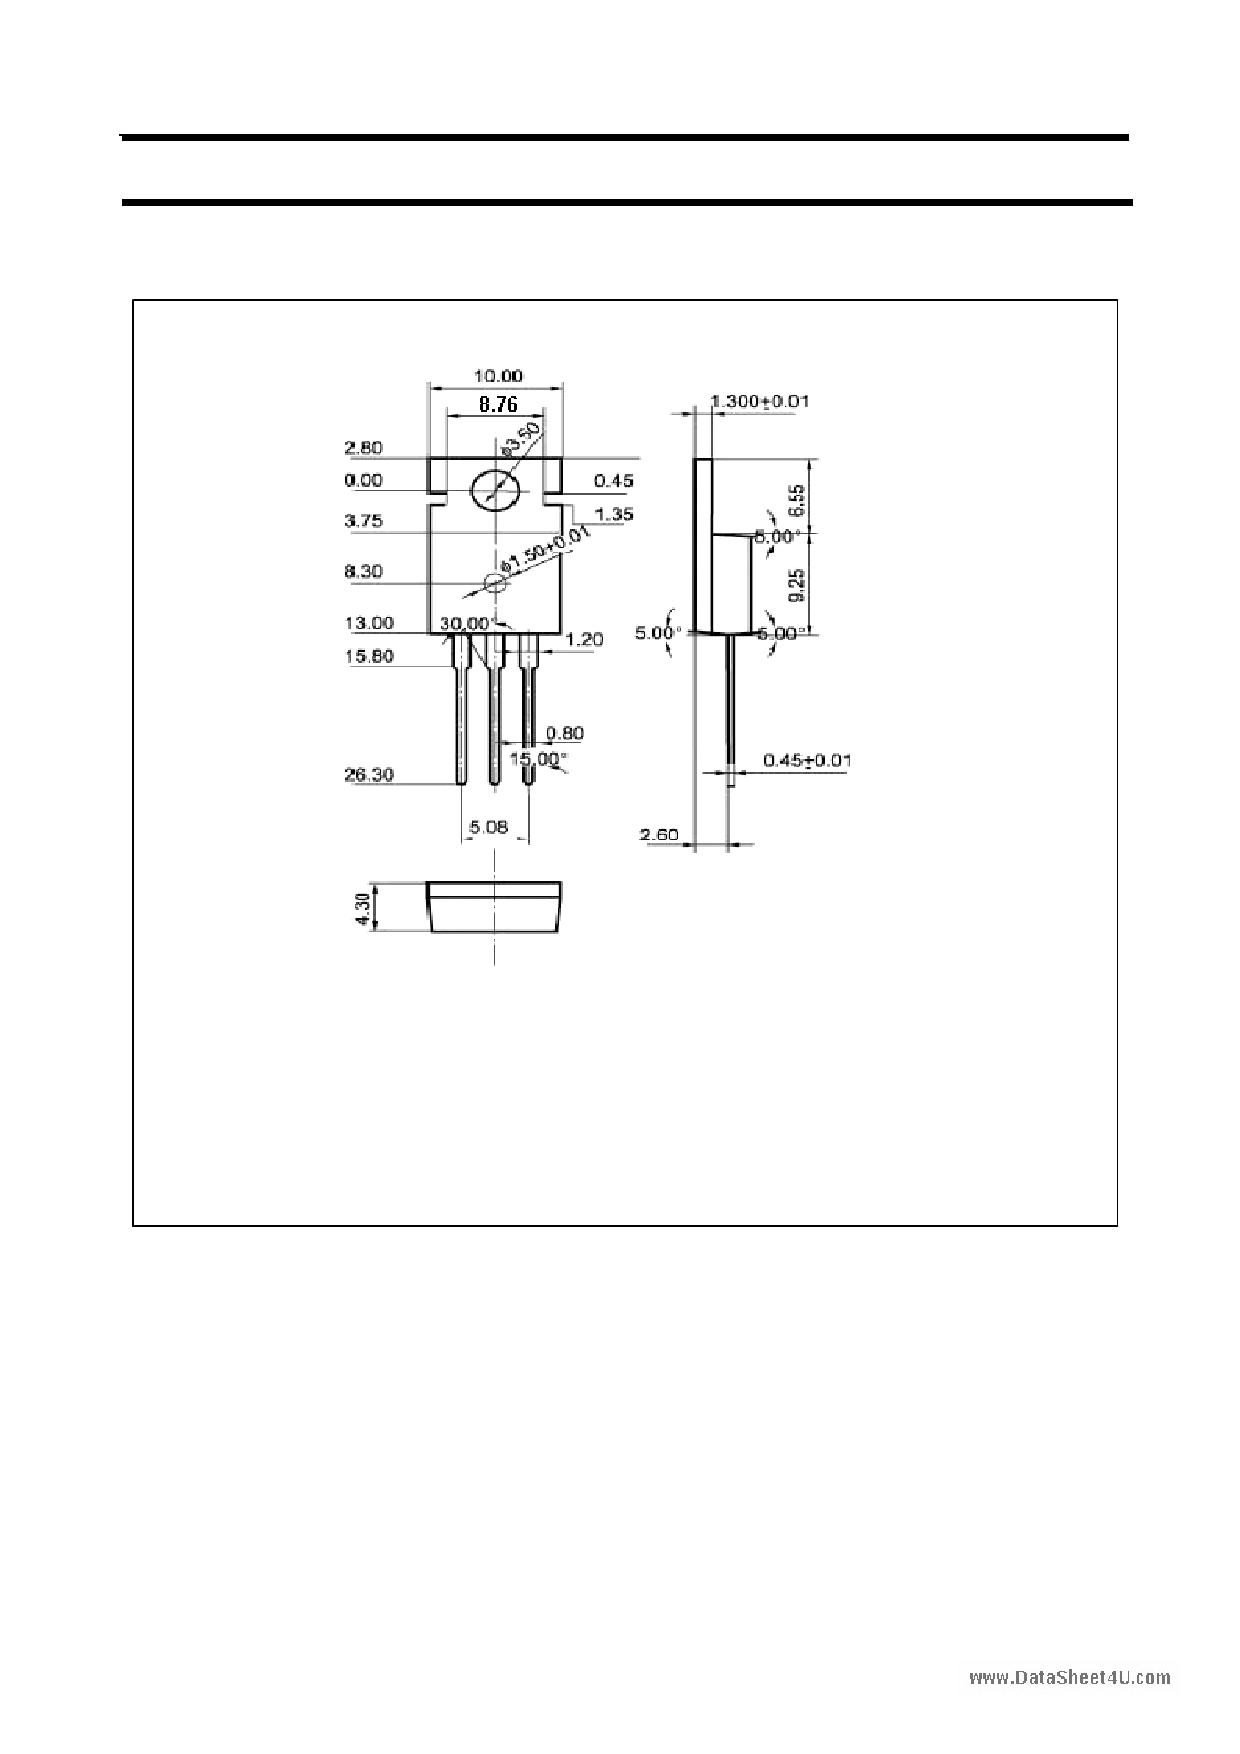 A1008 pdf, ピン配列